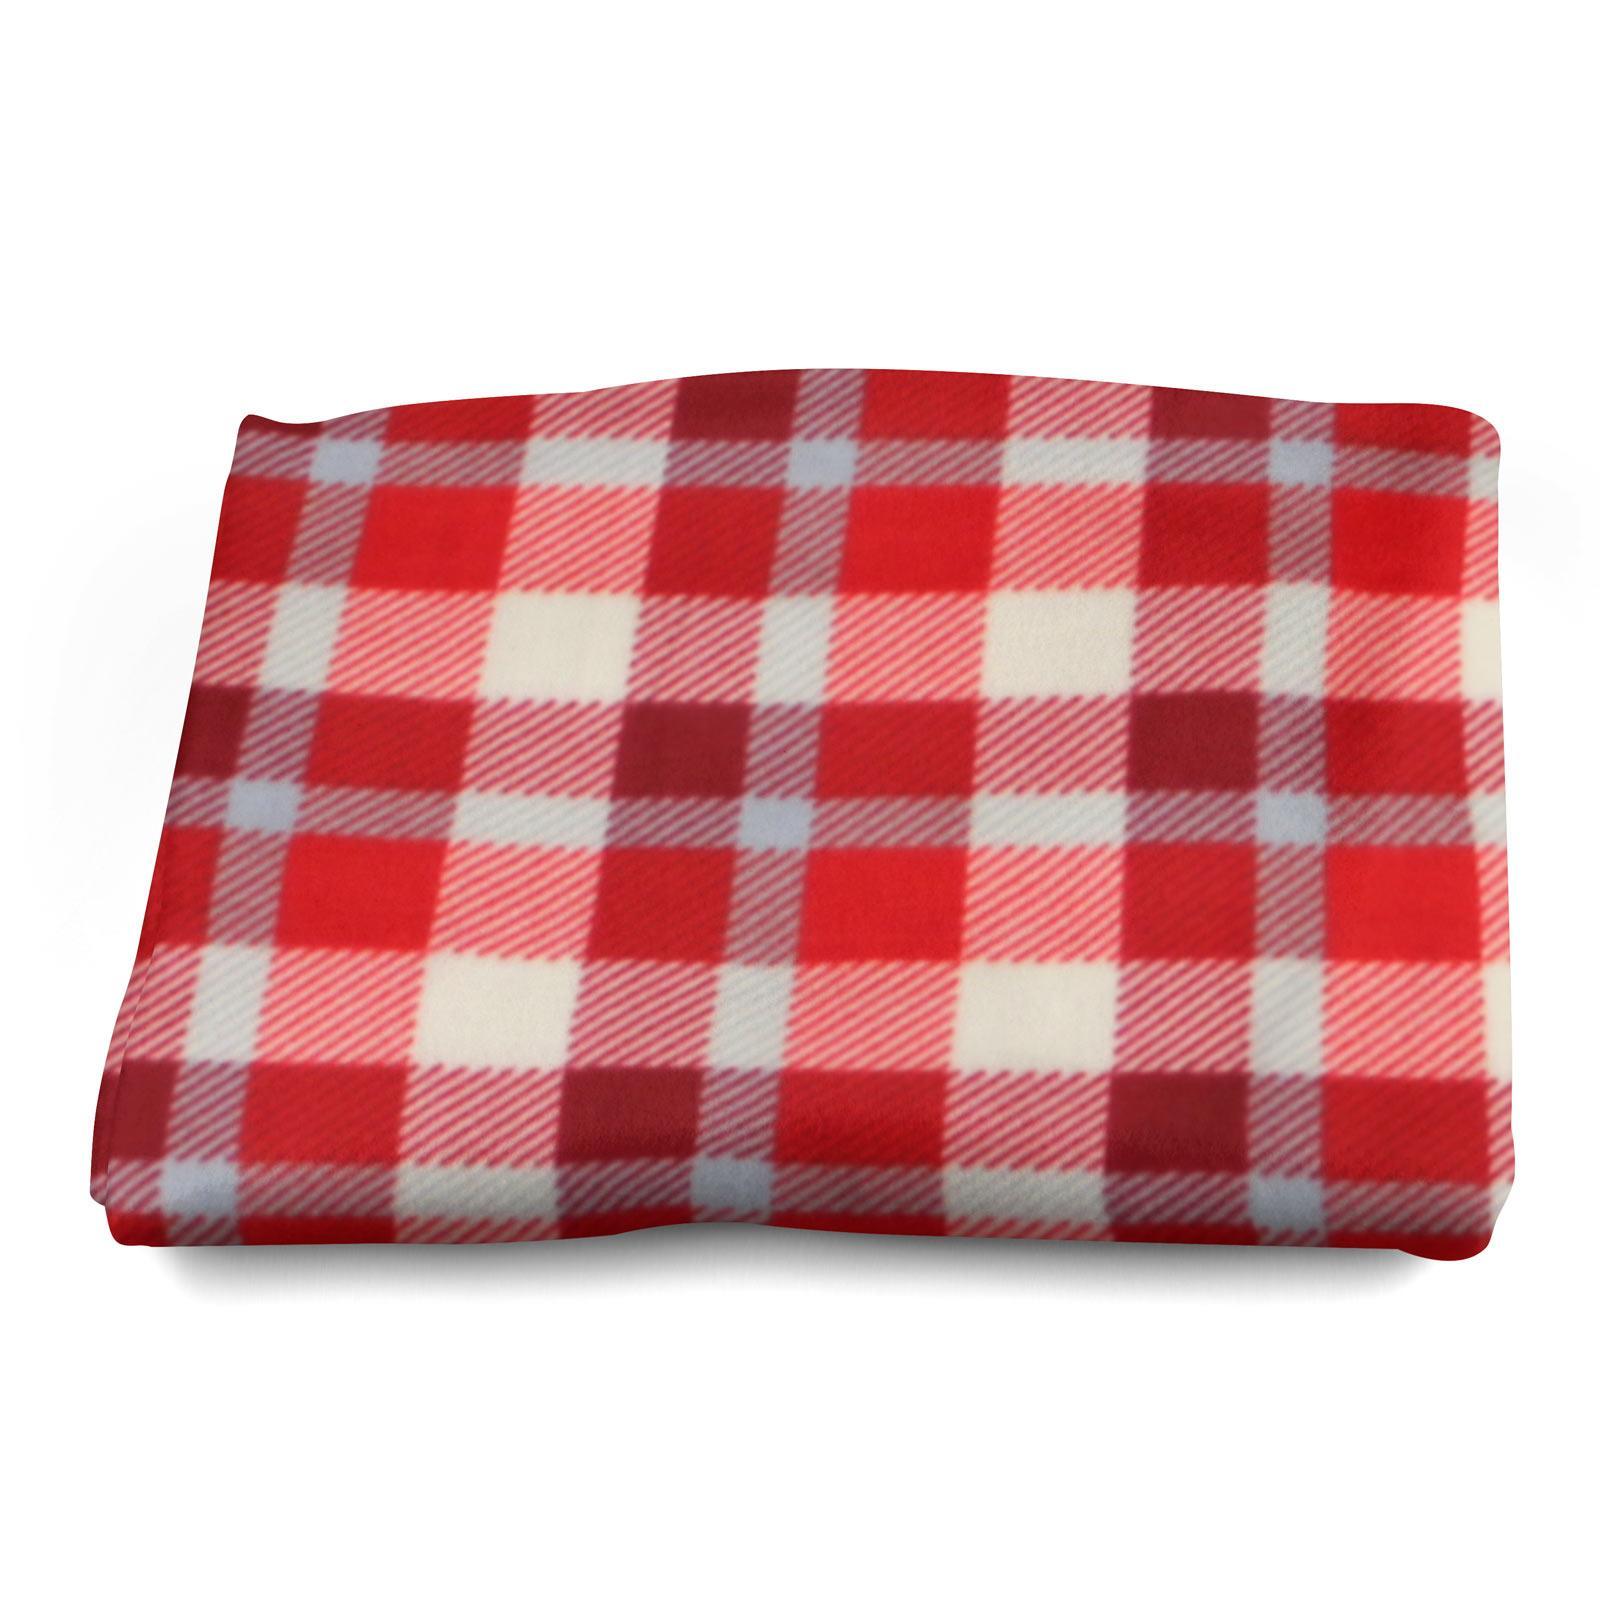 Sofa-de-verificacion-de-tartan-polar-mantas-polar-silla-acogedor-lanza-Manta-127cm-X-152cm miniatura 4